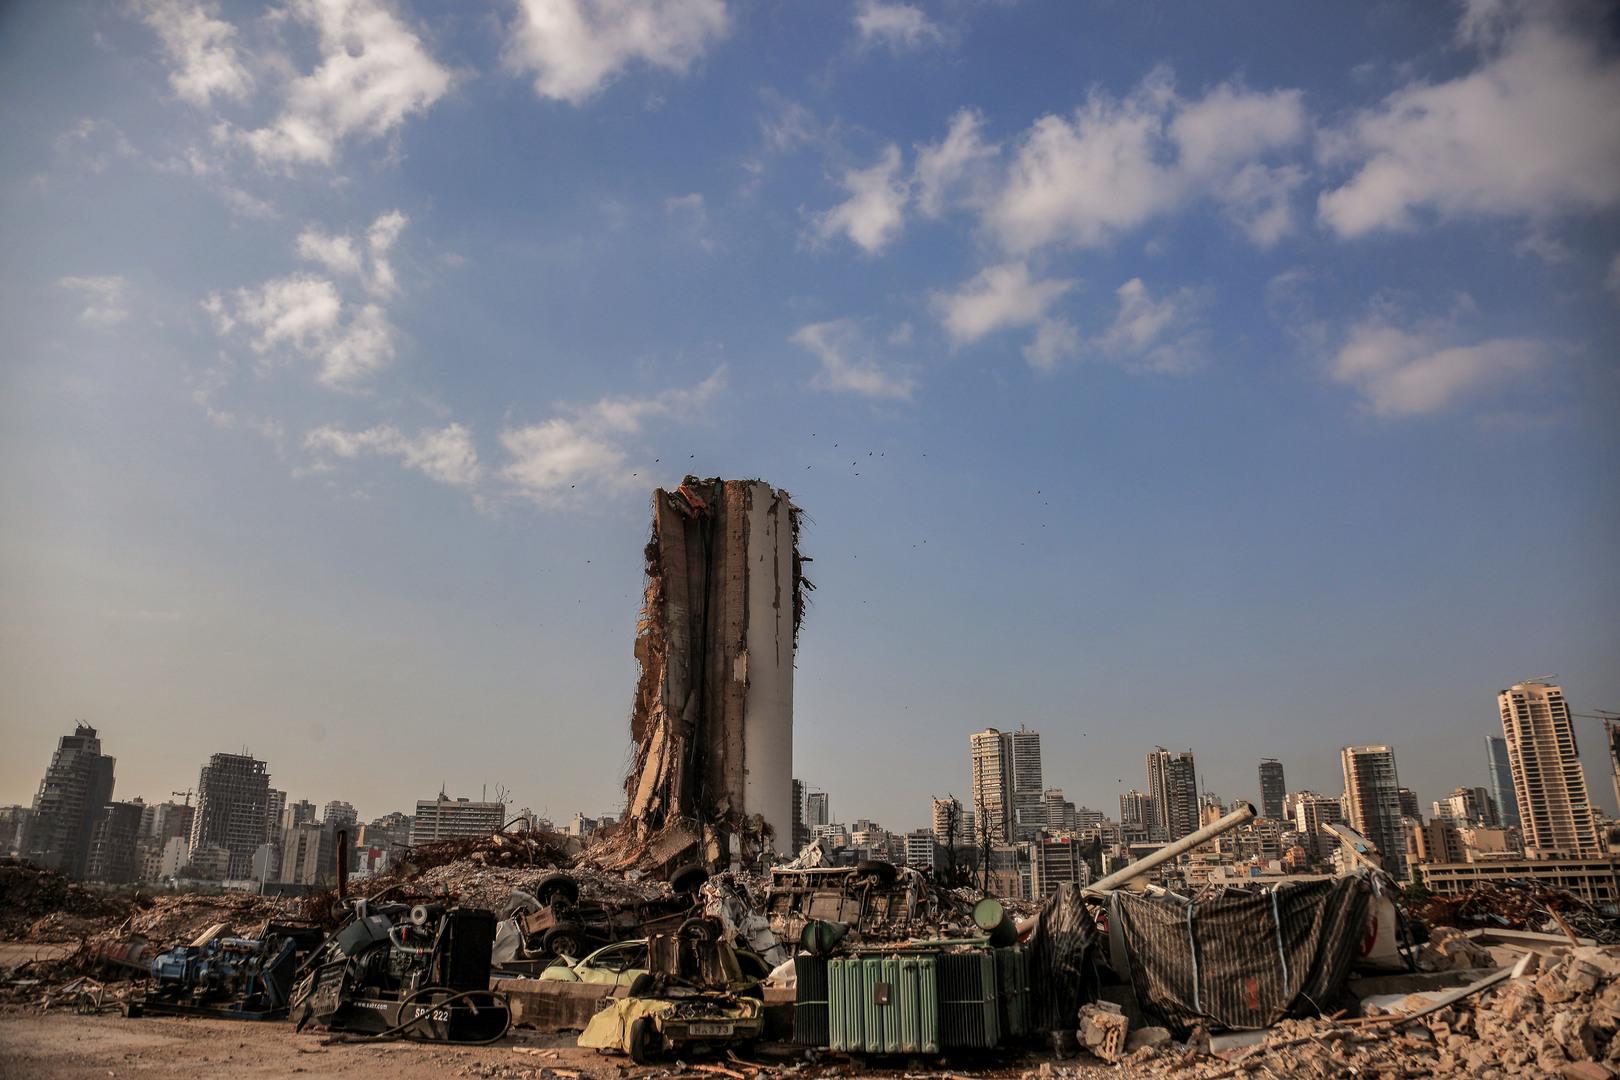 مرفأ العاصمة اللبنانية بيروت بعد تعرضه لانفجار في 4 أغسطس 2020